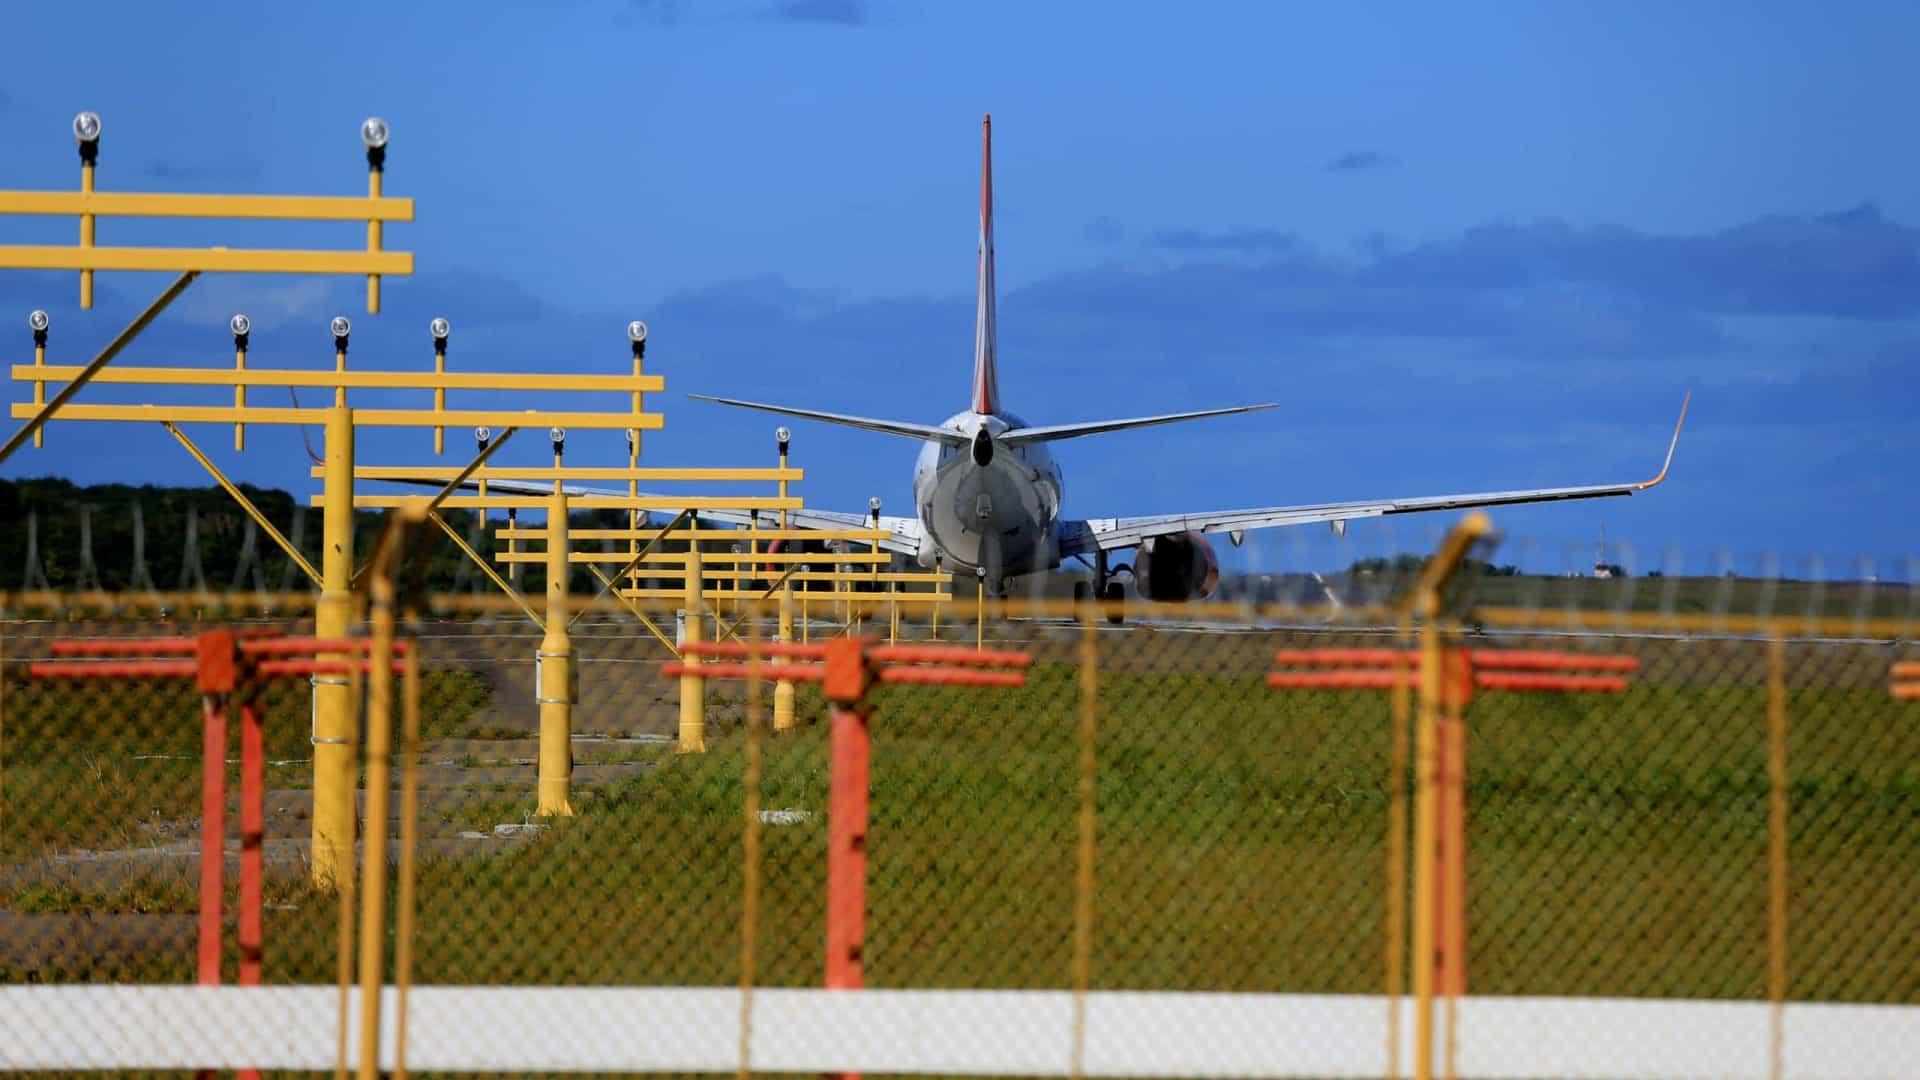 naom 5f7f056c4b7a7 - Parte dos brasileiros deportados dos EUA desembarca em Belo Horizonte